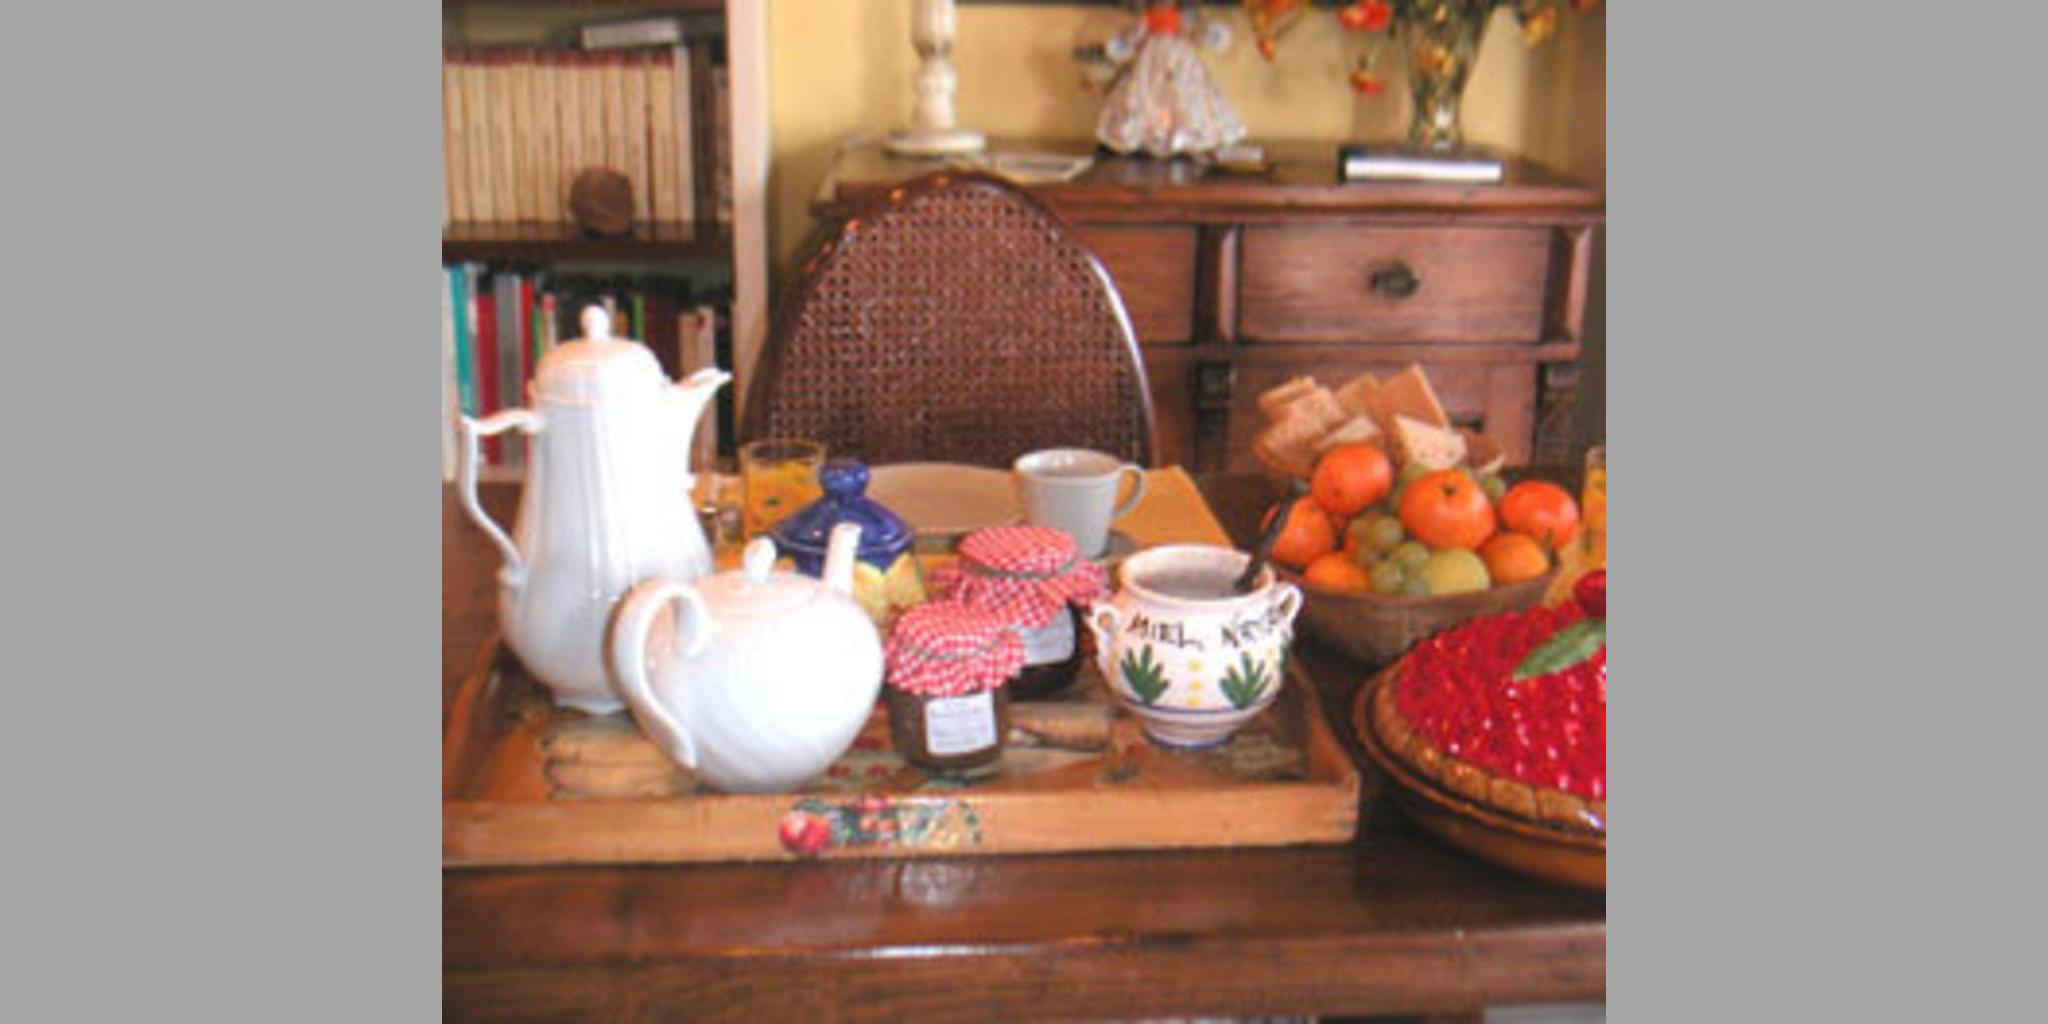 Bed & Breakfast Amelia - Di San Silvestro /A